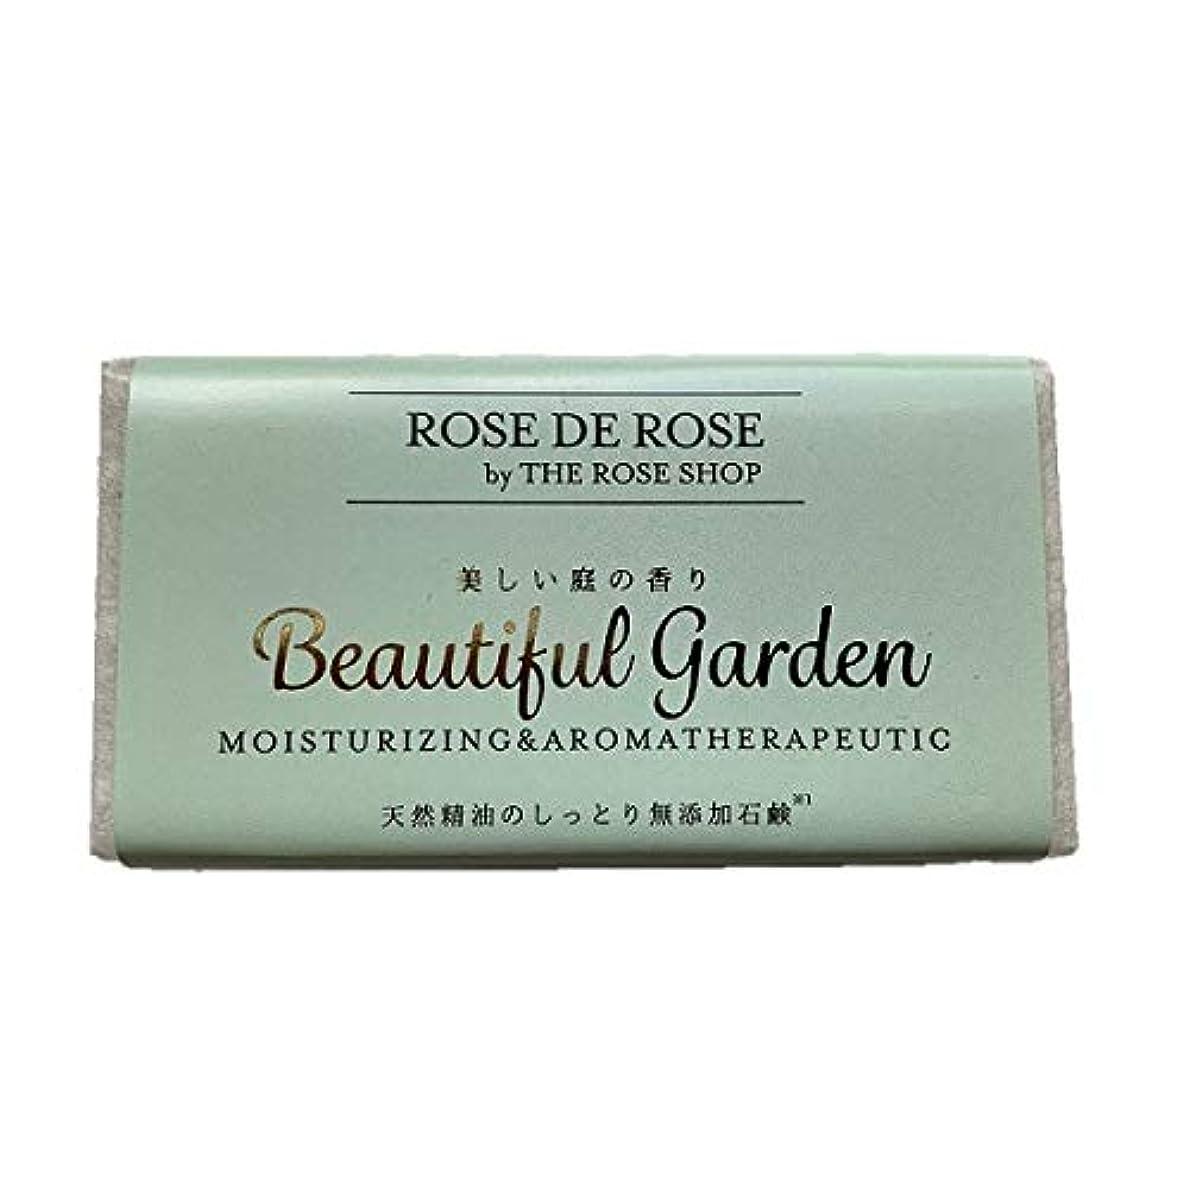 ヒューマニスティック植物の階層天然精油の無添加石鹸 「美しい庭の香り ビューティフルガーデン」3個セット